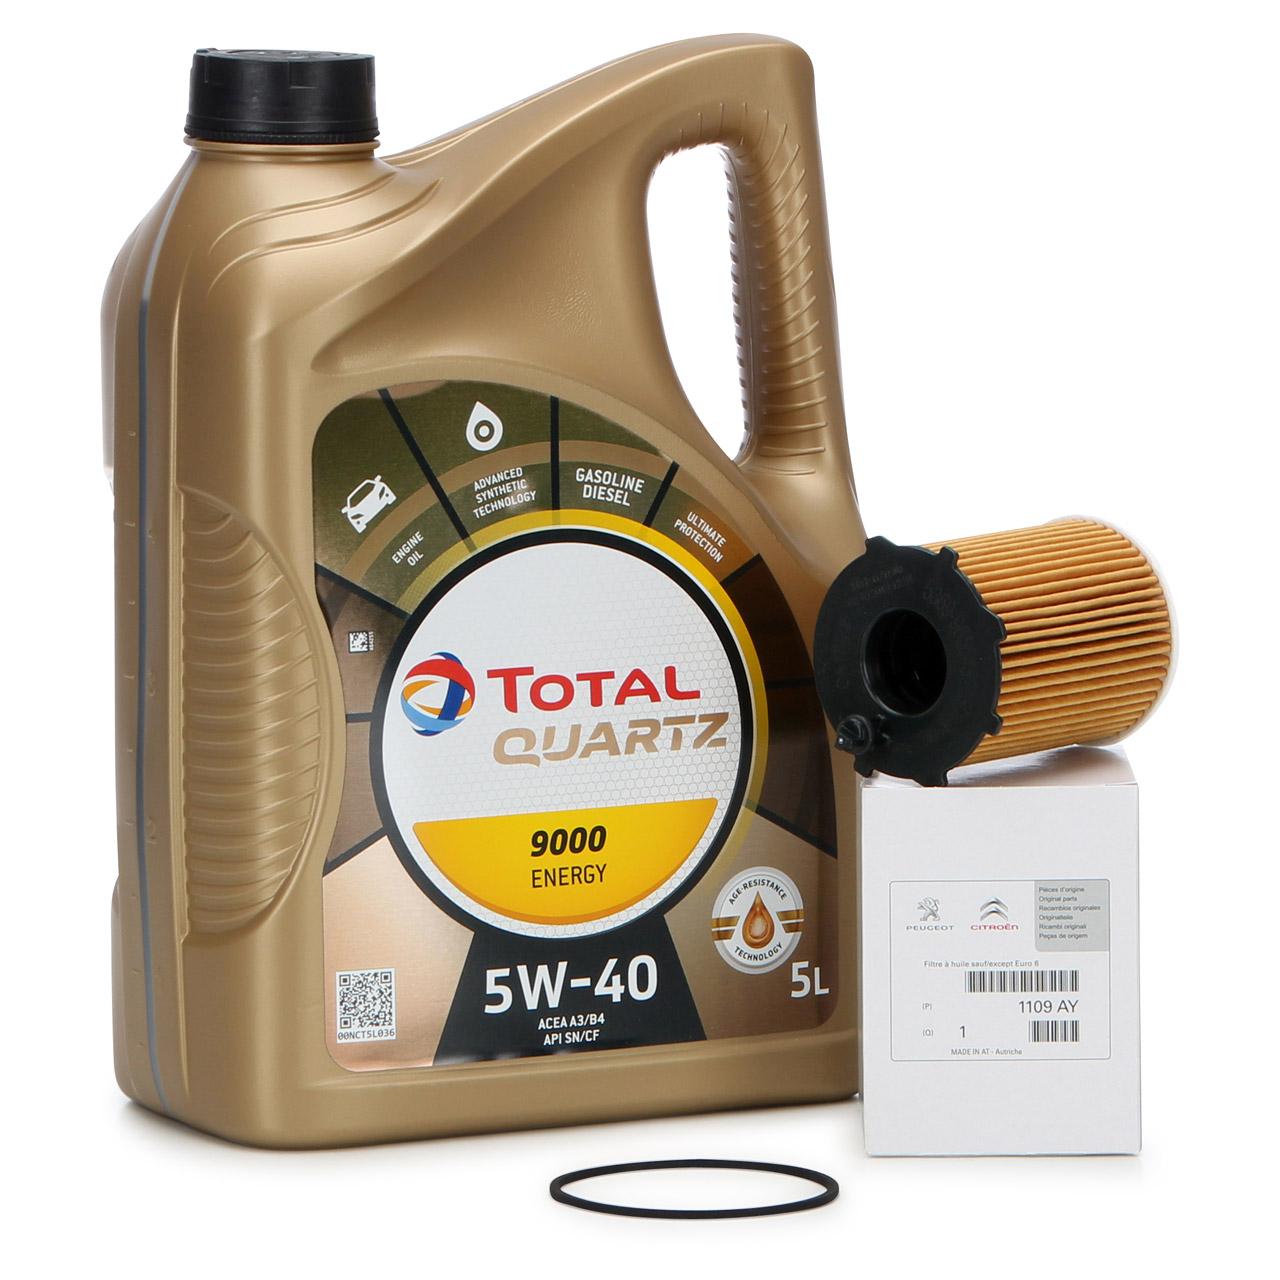 TOTAL QUARTZ 9000 ENERGY 5W-40 5 L + ORIGINAL Citroen Peugeot Ölfilter 1109.AY